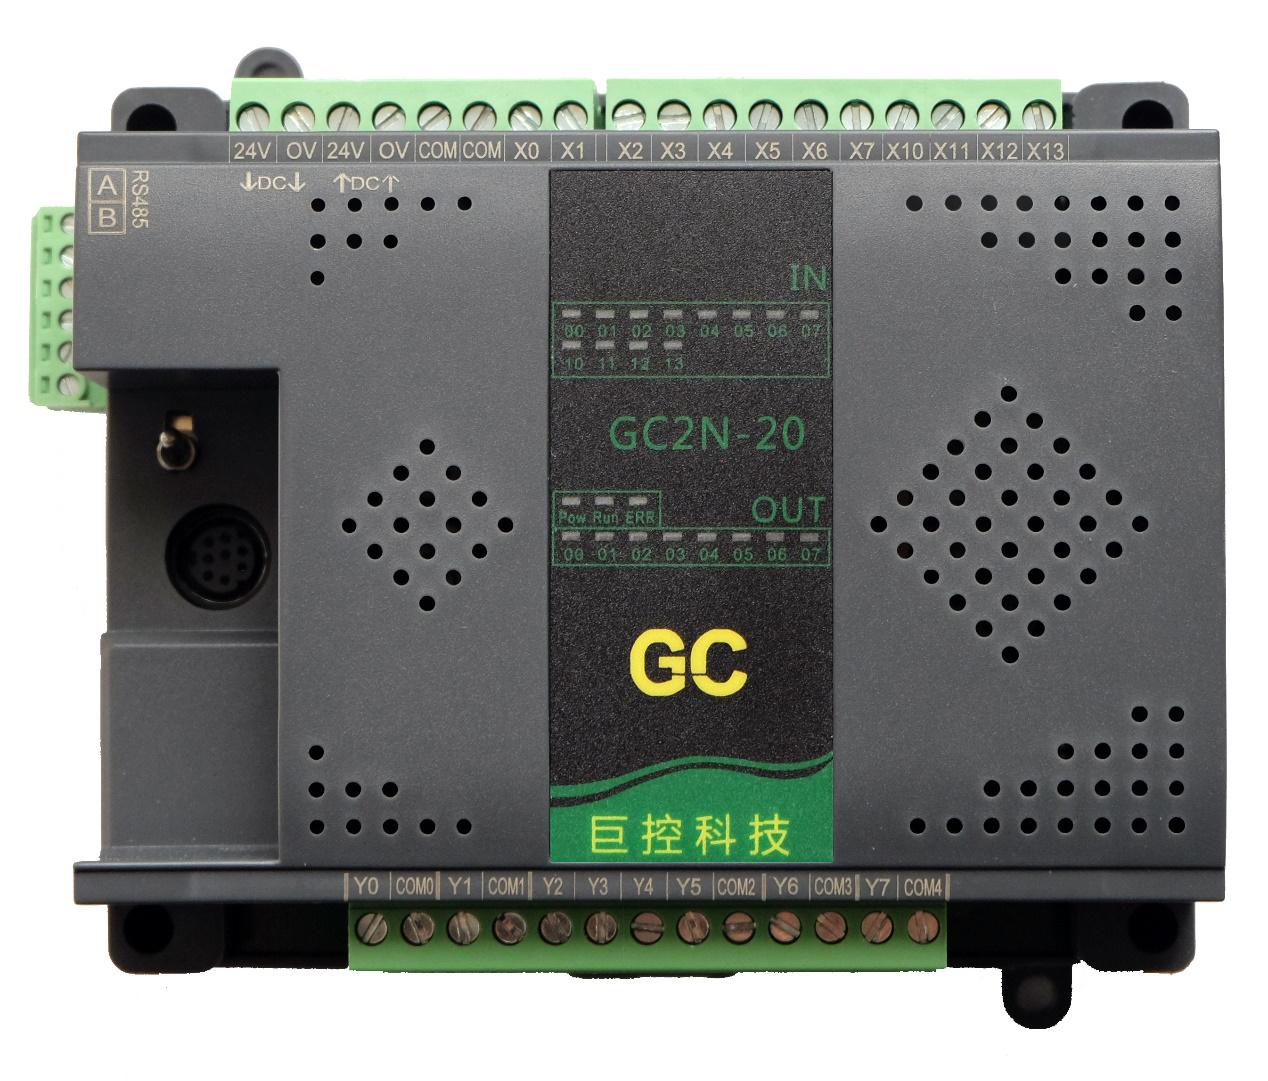 GC2N-20扩展模块